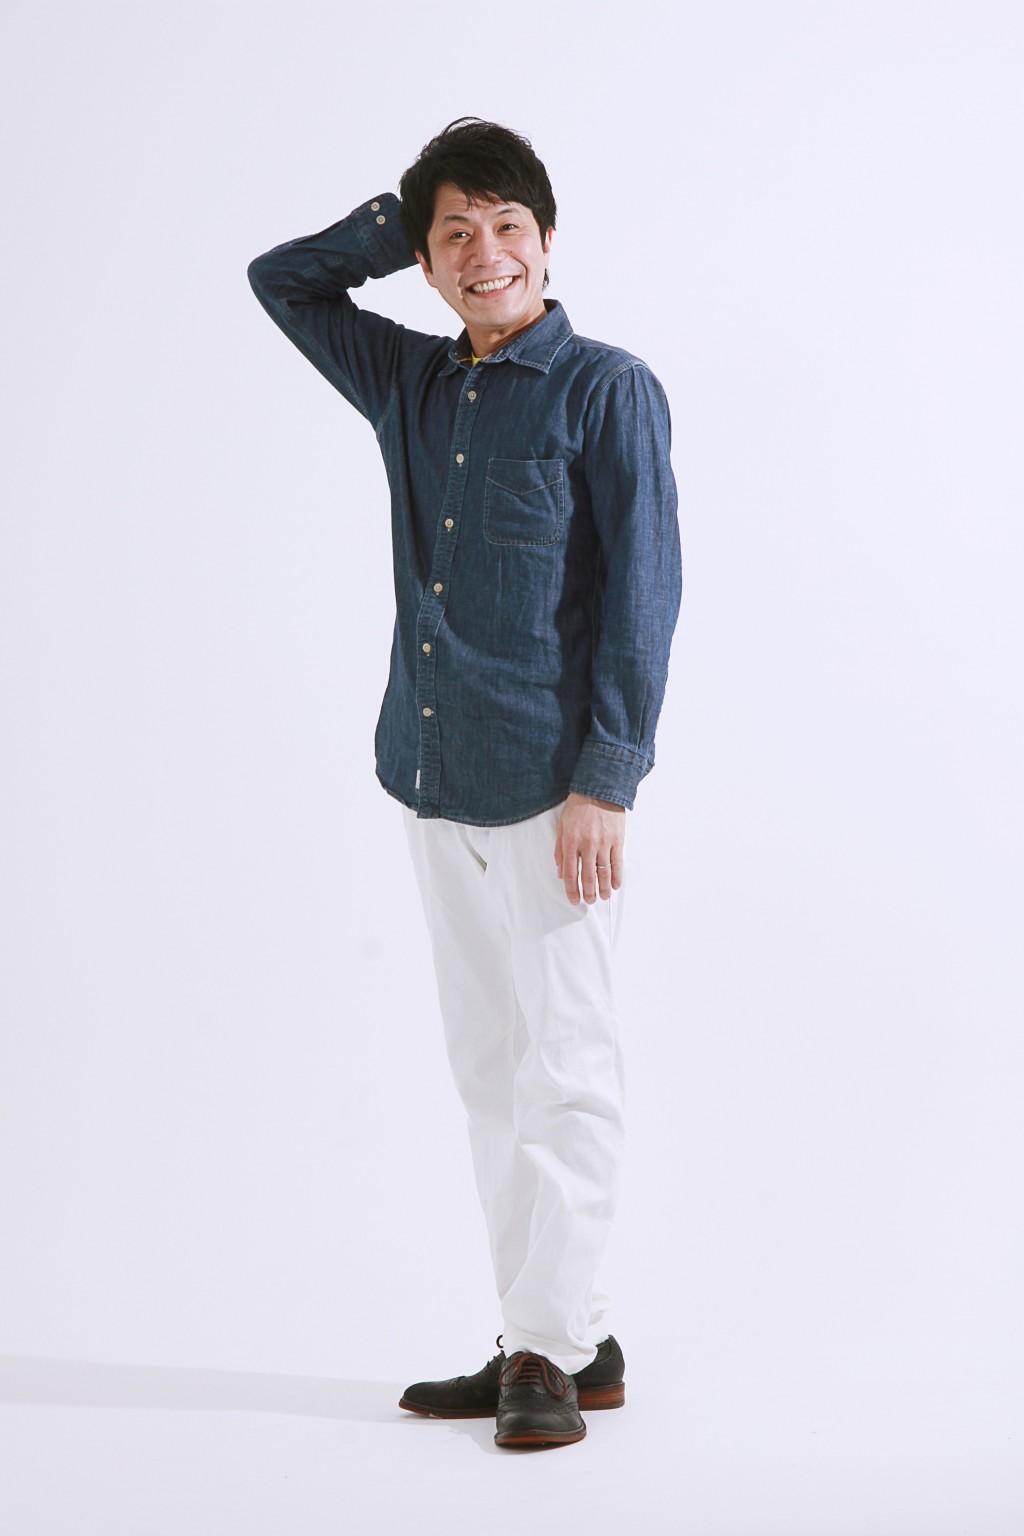 円盤ライダー2号 川上冠仁